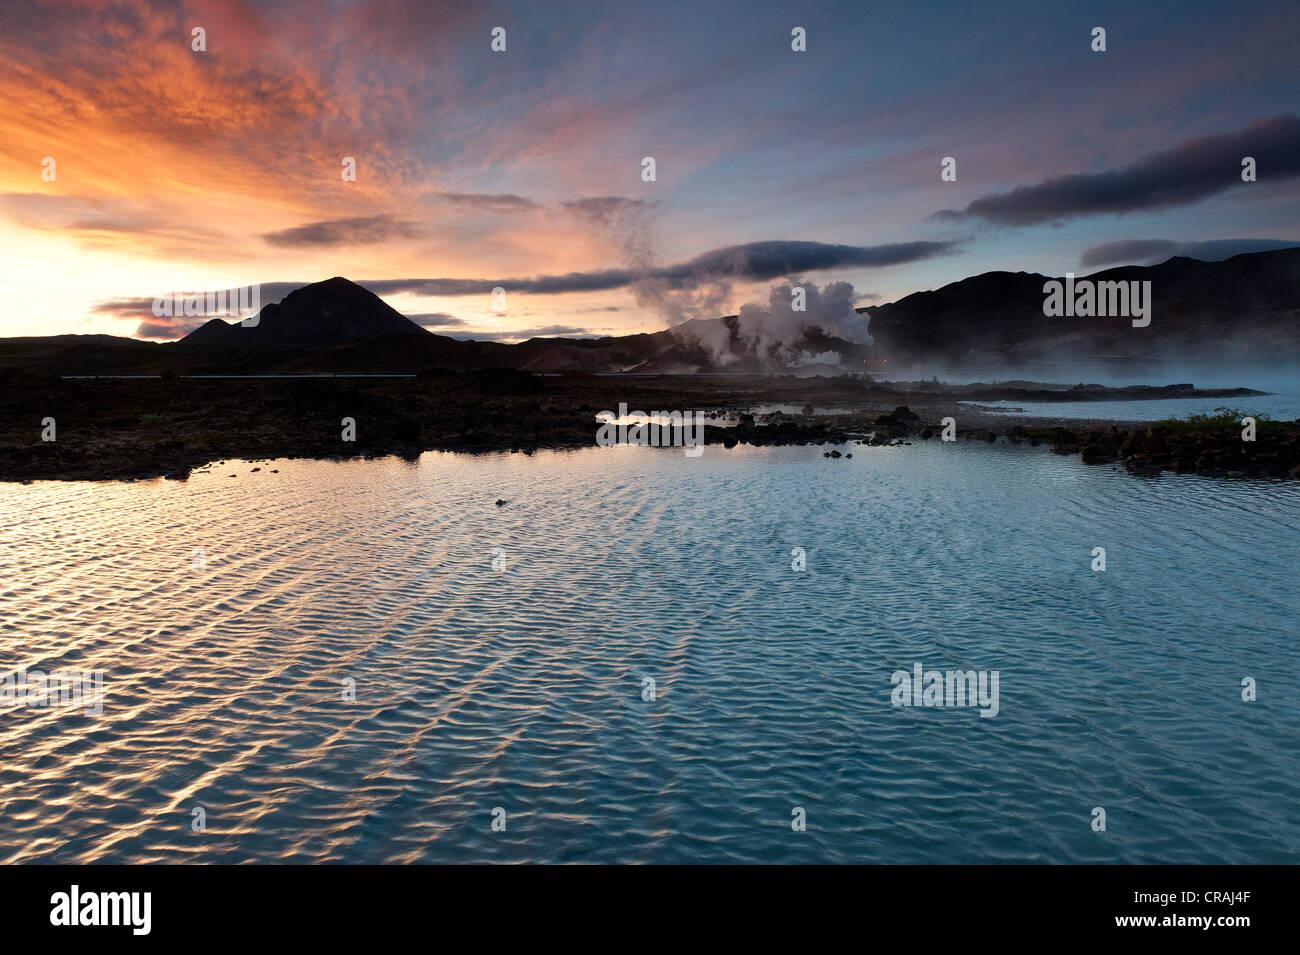 La generazione di energia, energia geotermica, nei pressi del Lago Myvatn, Nord Islanda, Europa Immagini Stock